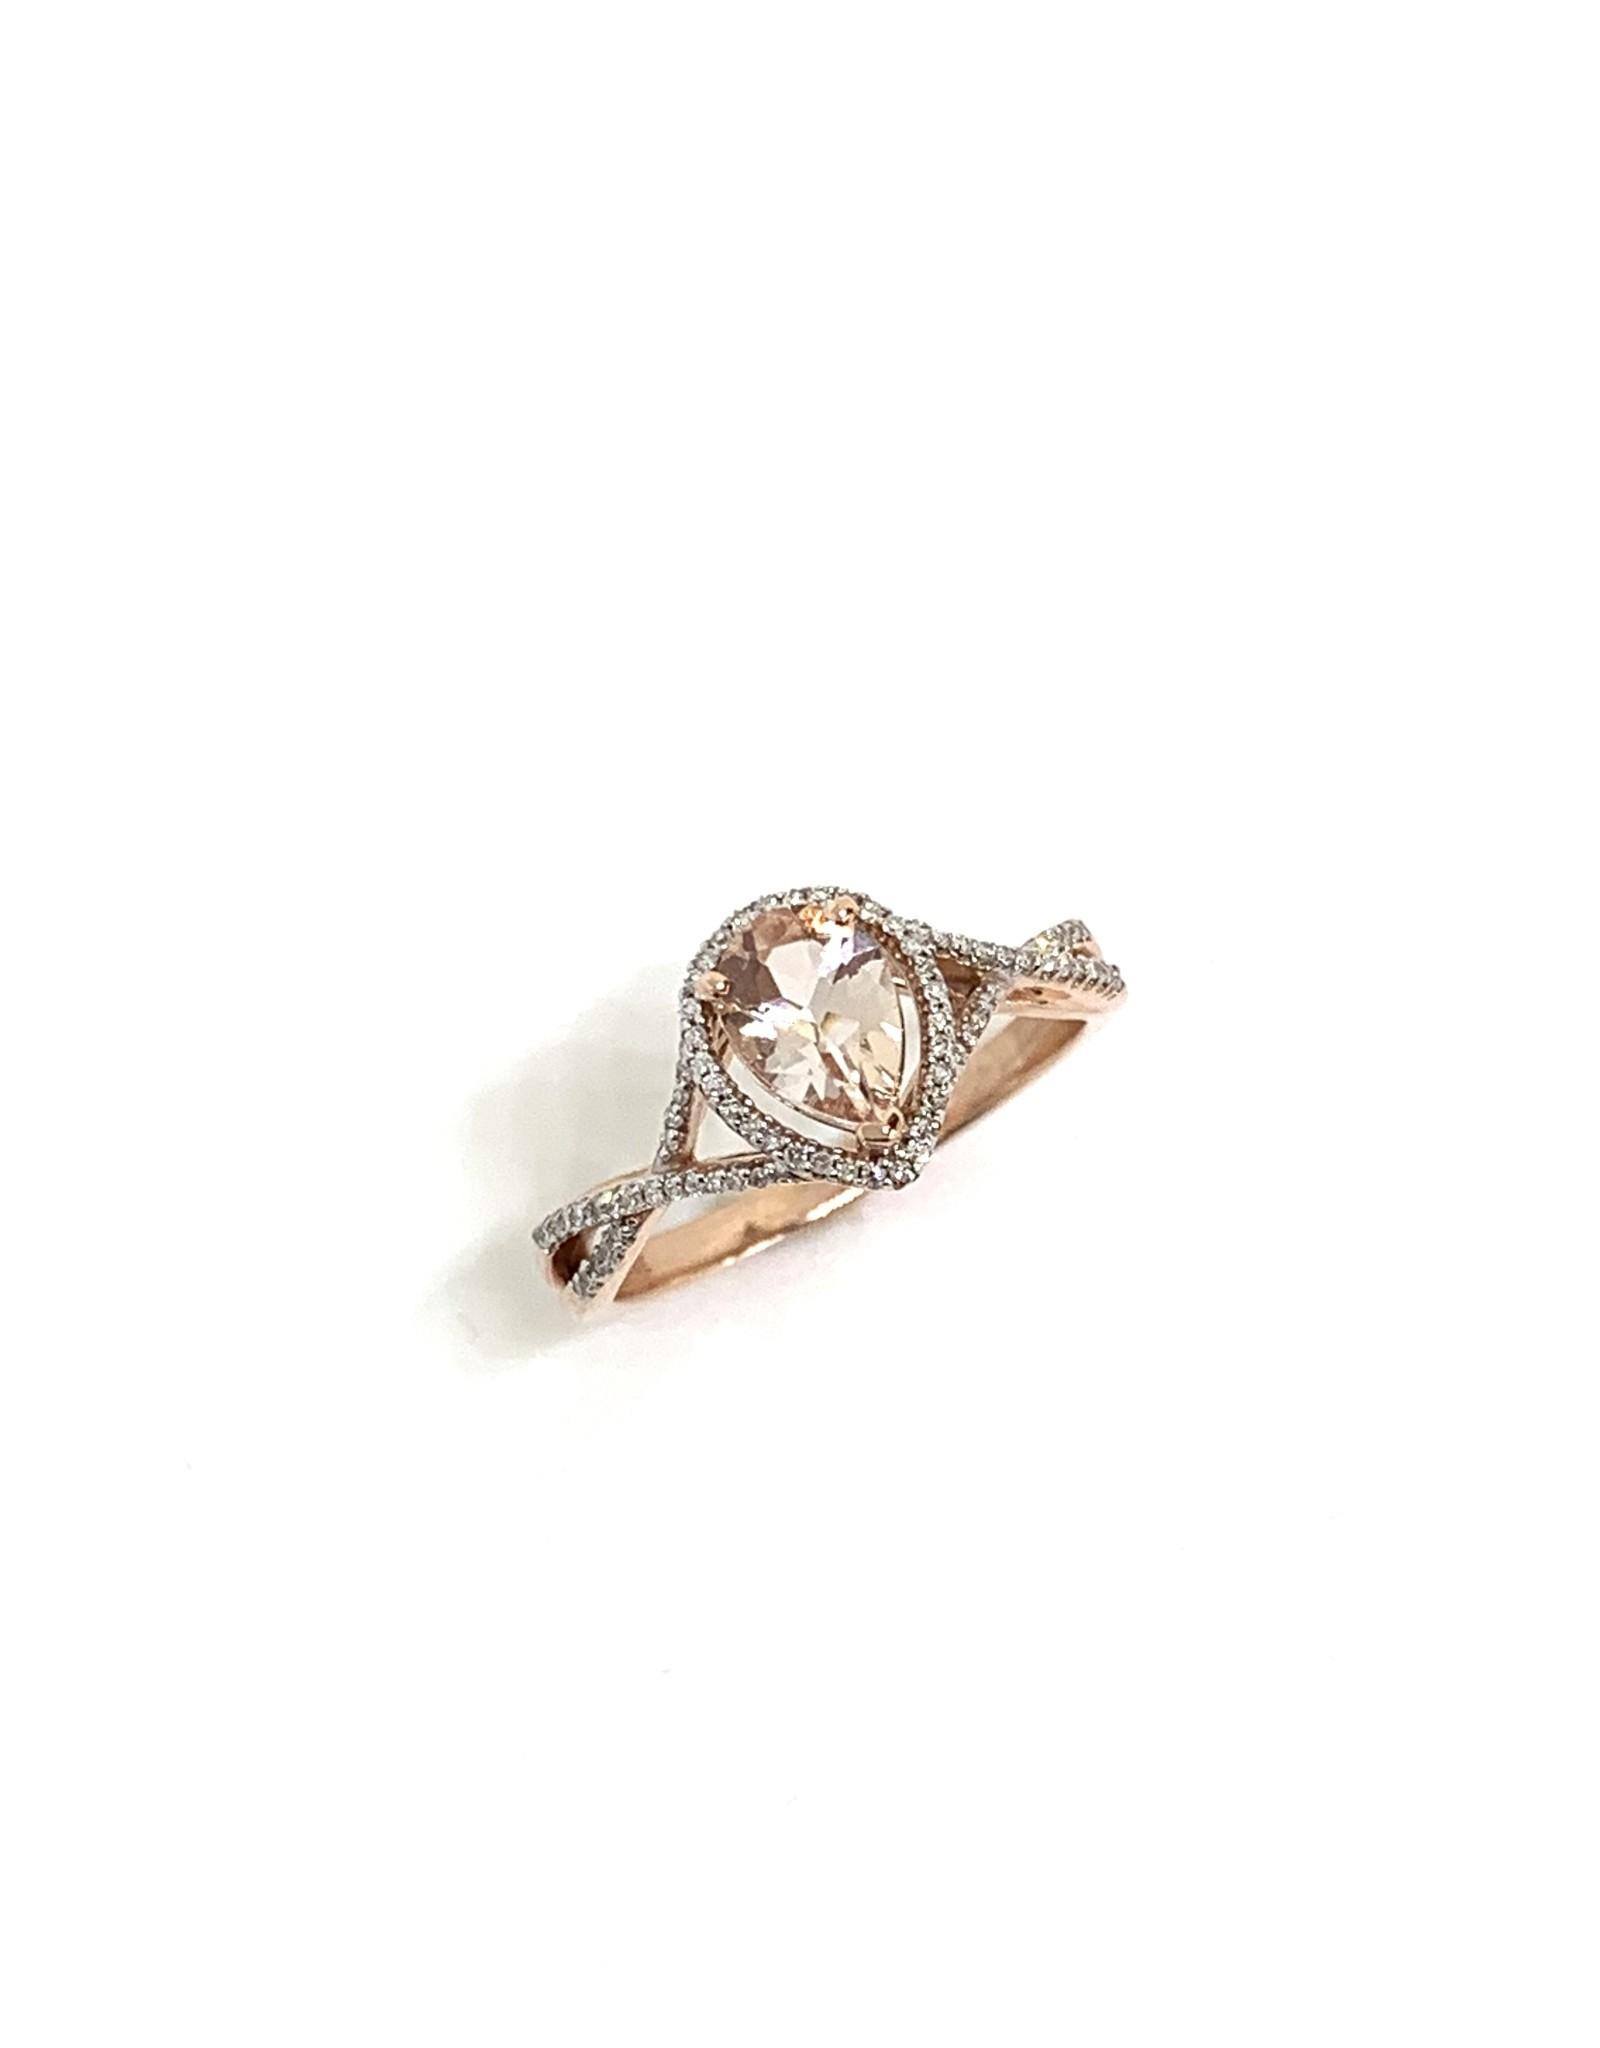 Bague croisée Or rose 10K avec morganite poire et diamants